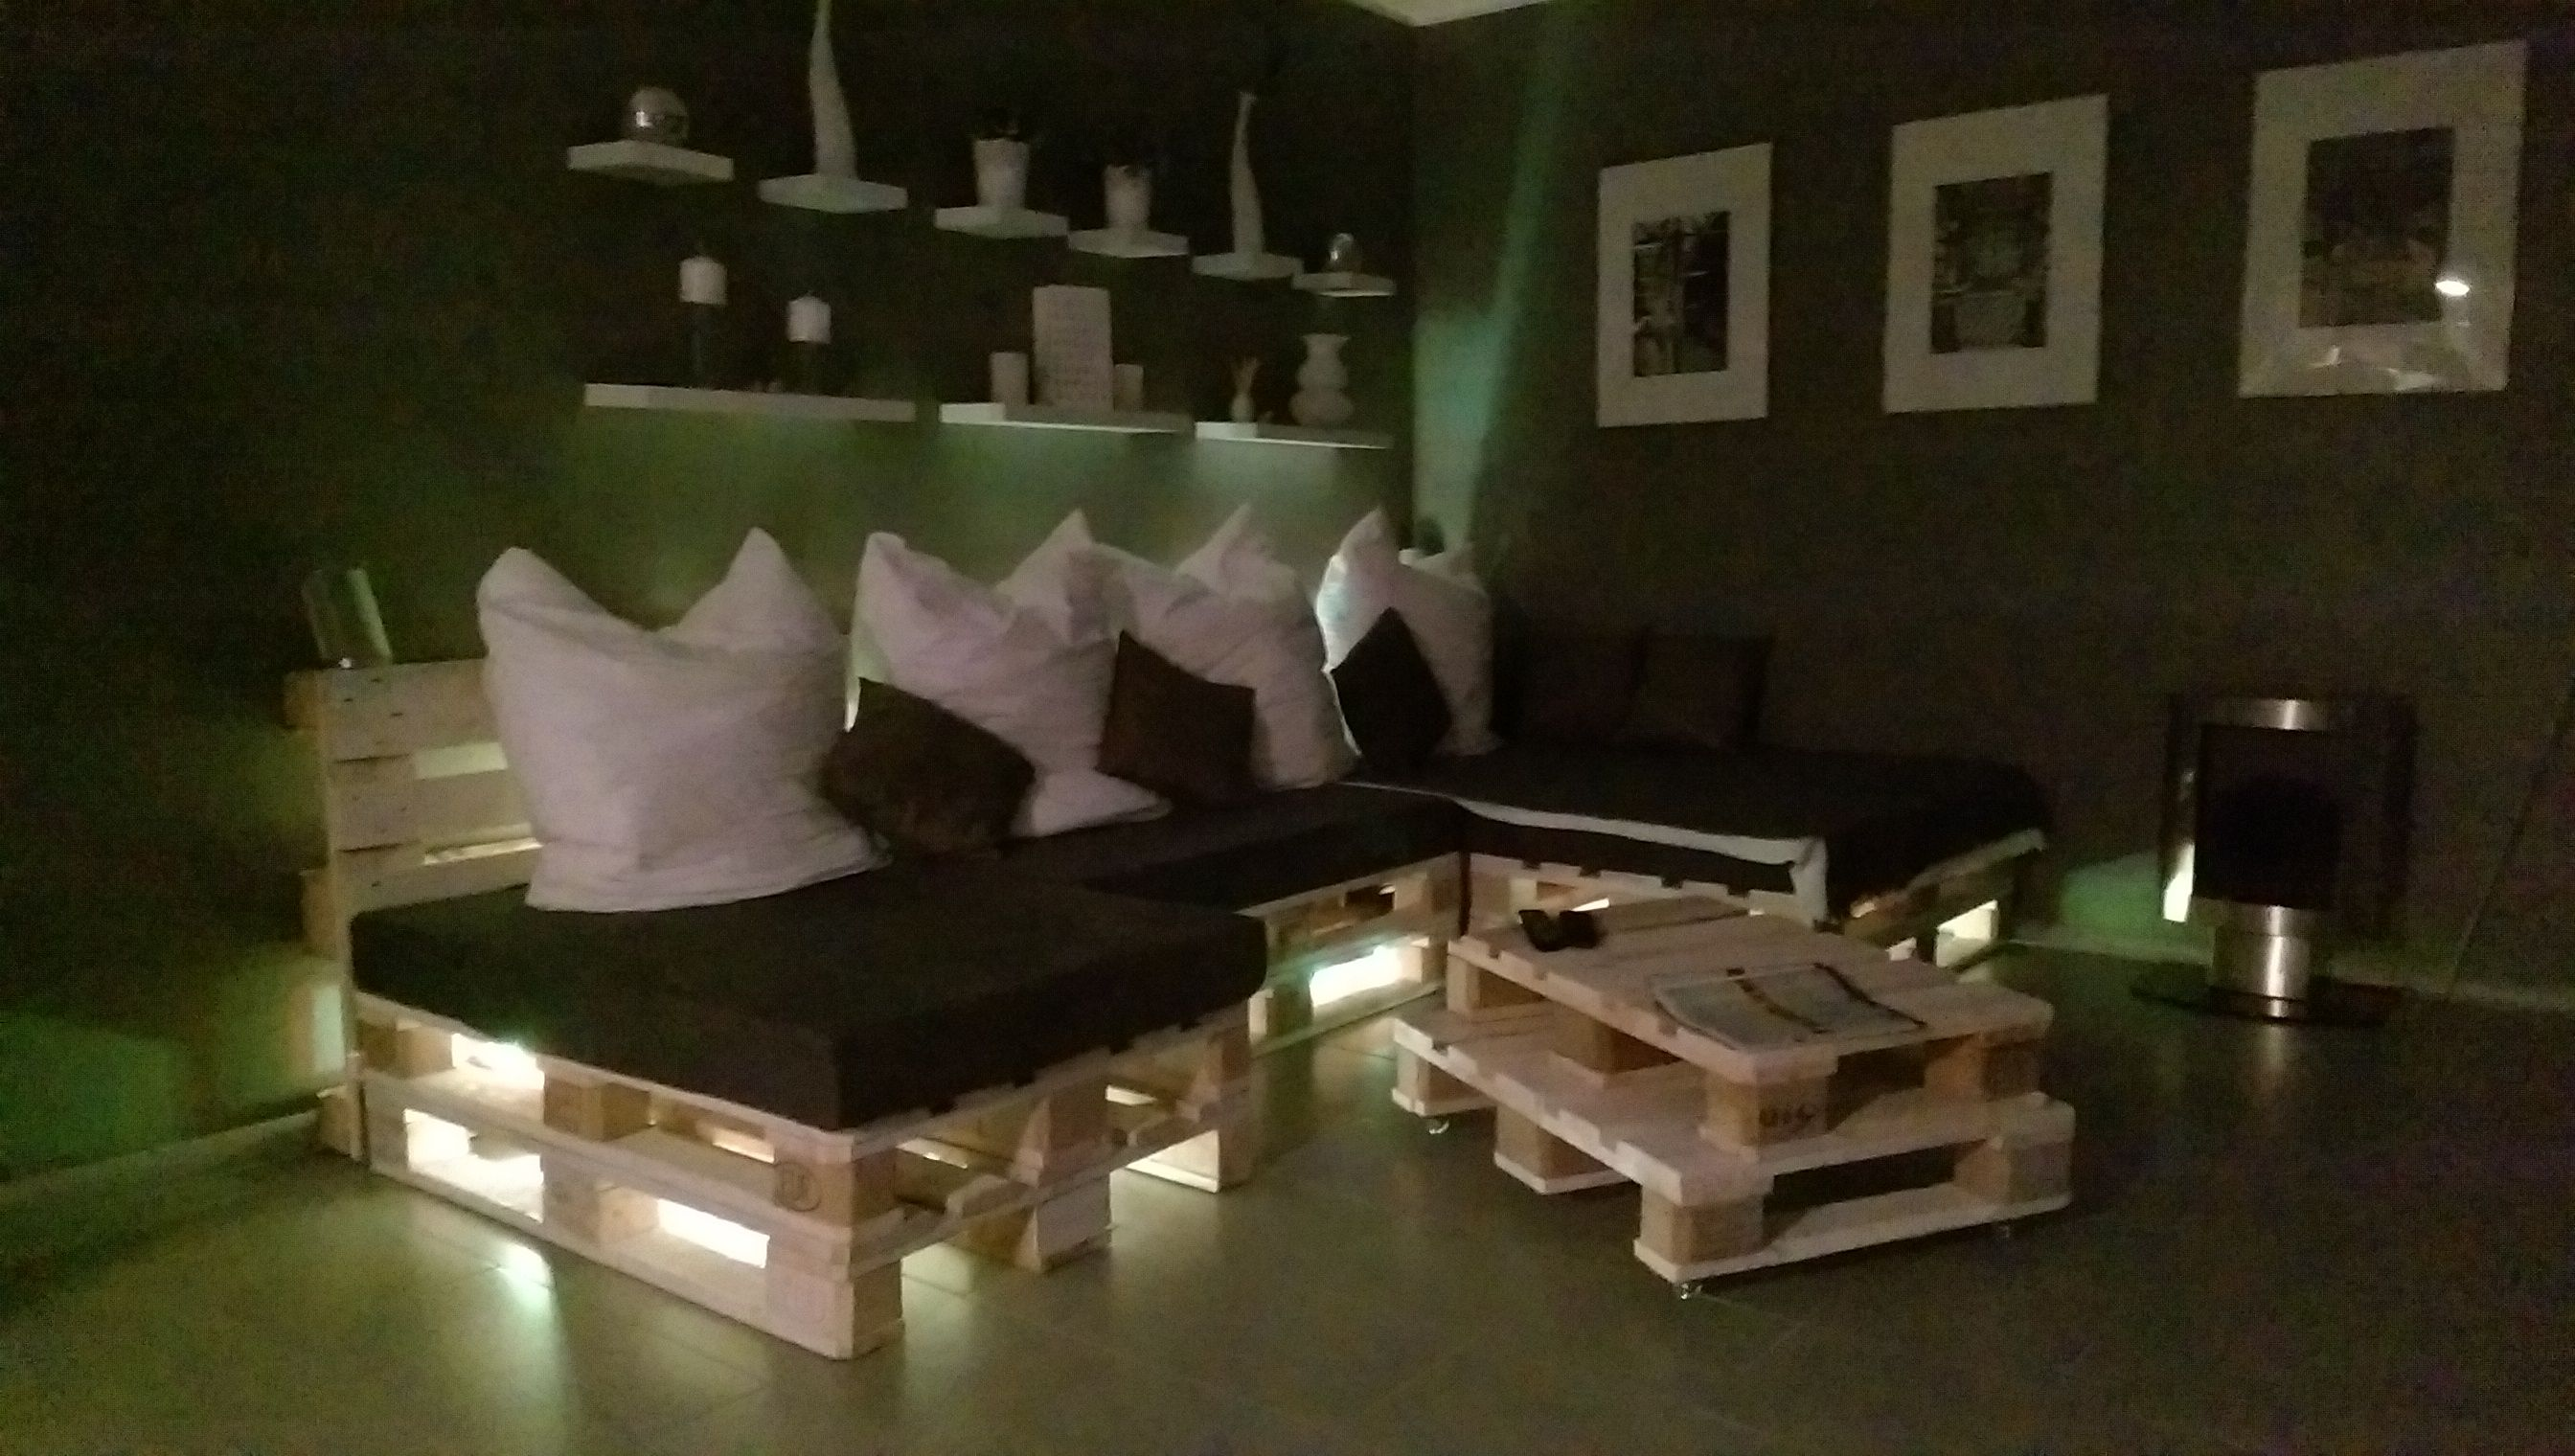 sofa selber bauen europaletten great deals on leather sofas unser kollege tommy hat das experiment gewagt und ein paletten gebaut wir zeigen euch schritt fur wie seine landschaft entstanden